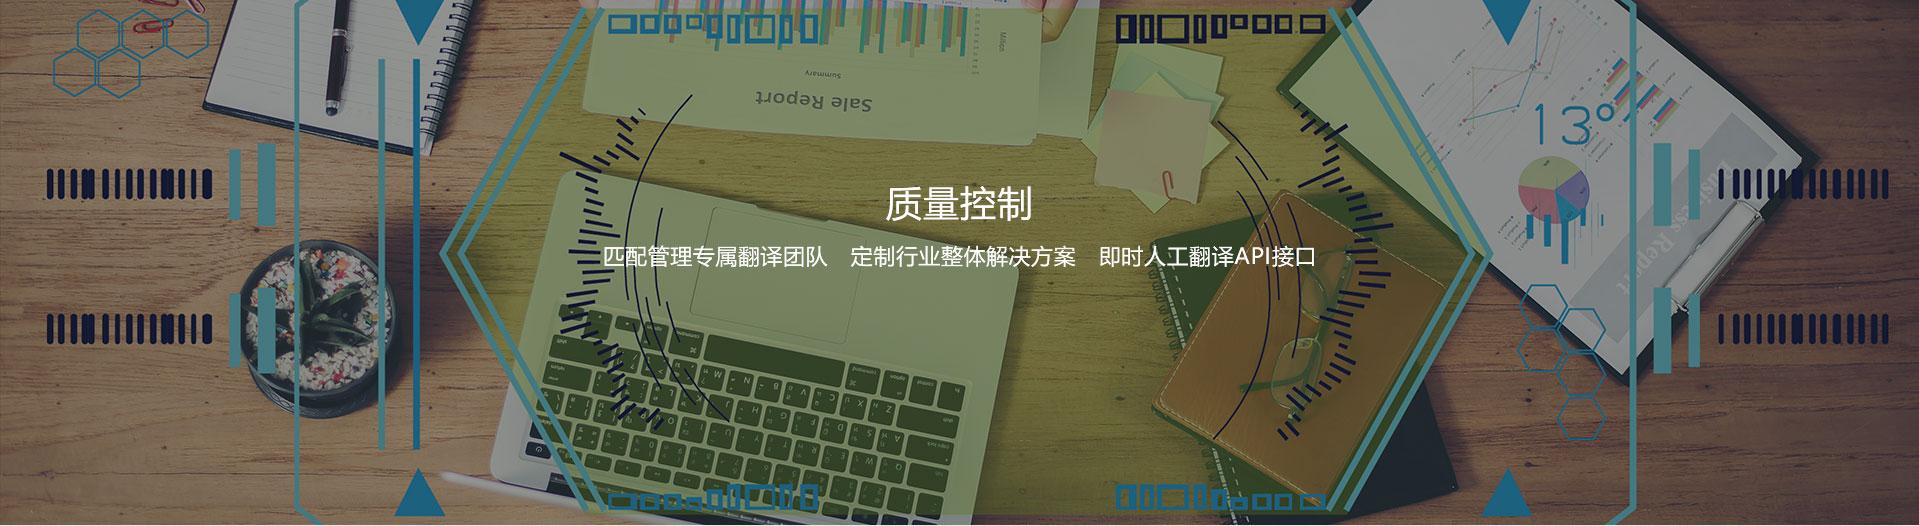 北京qy288.vip千亿国际公司质控